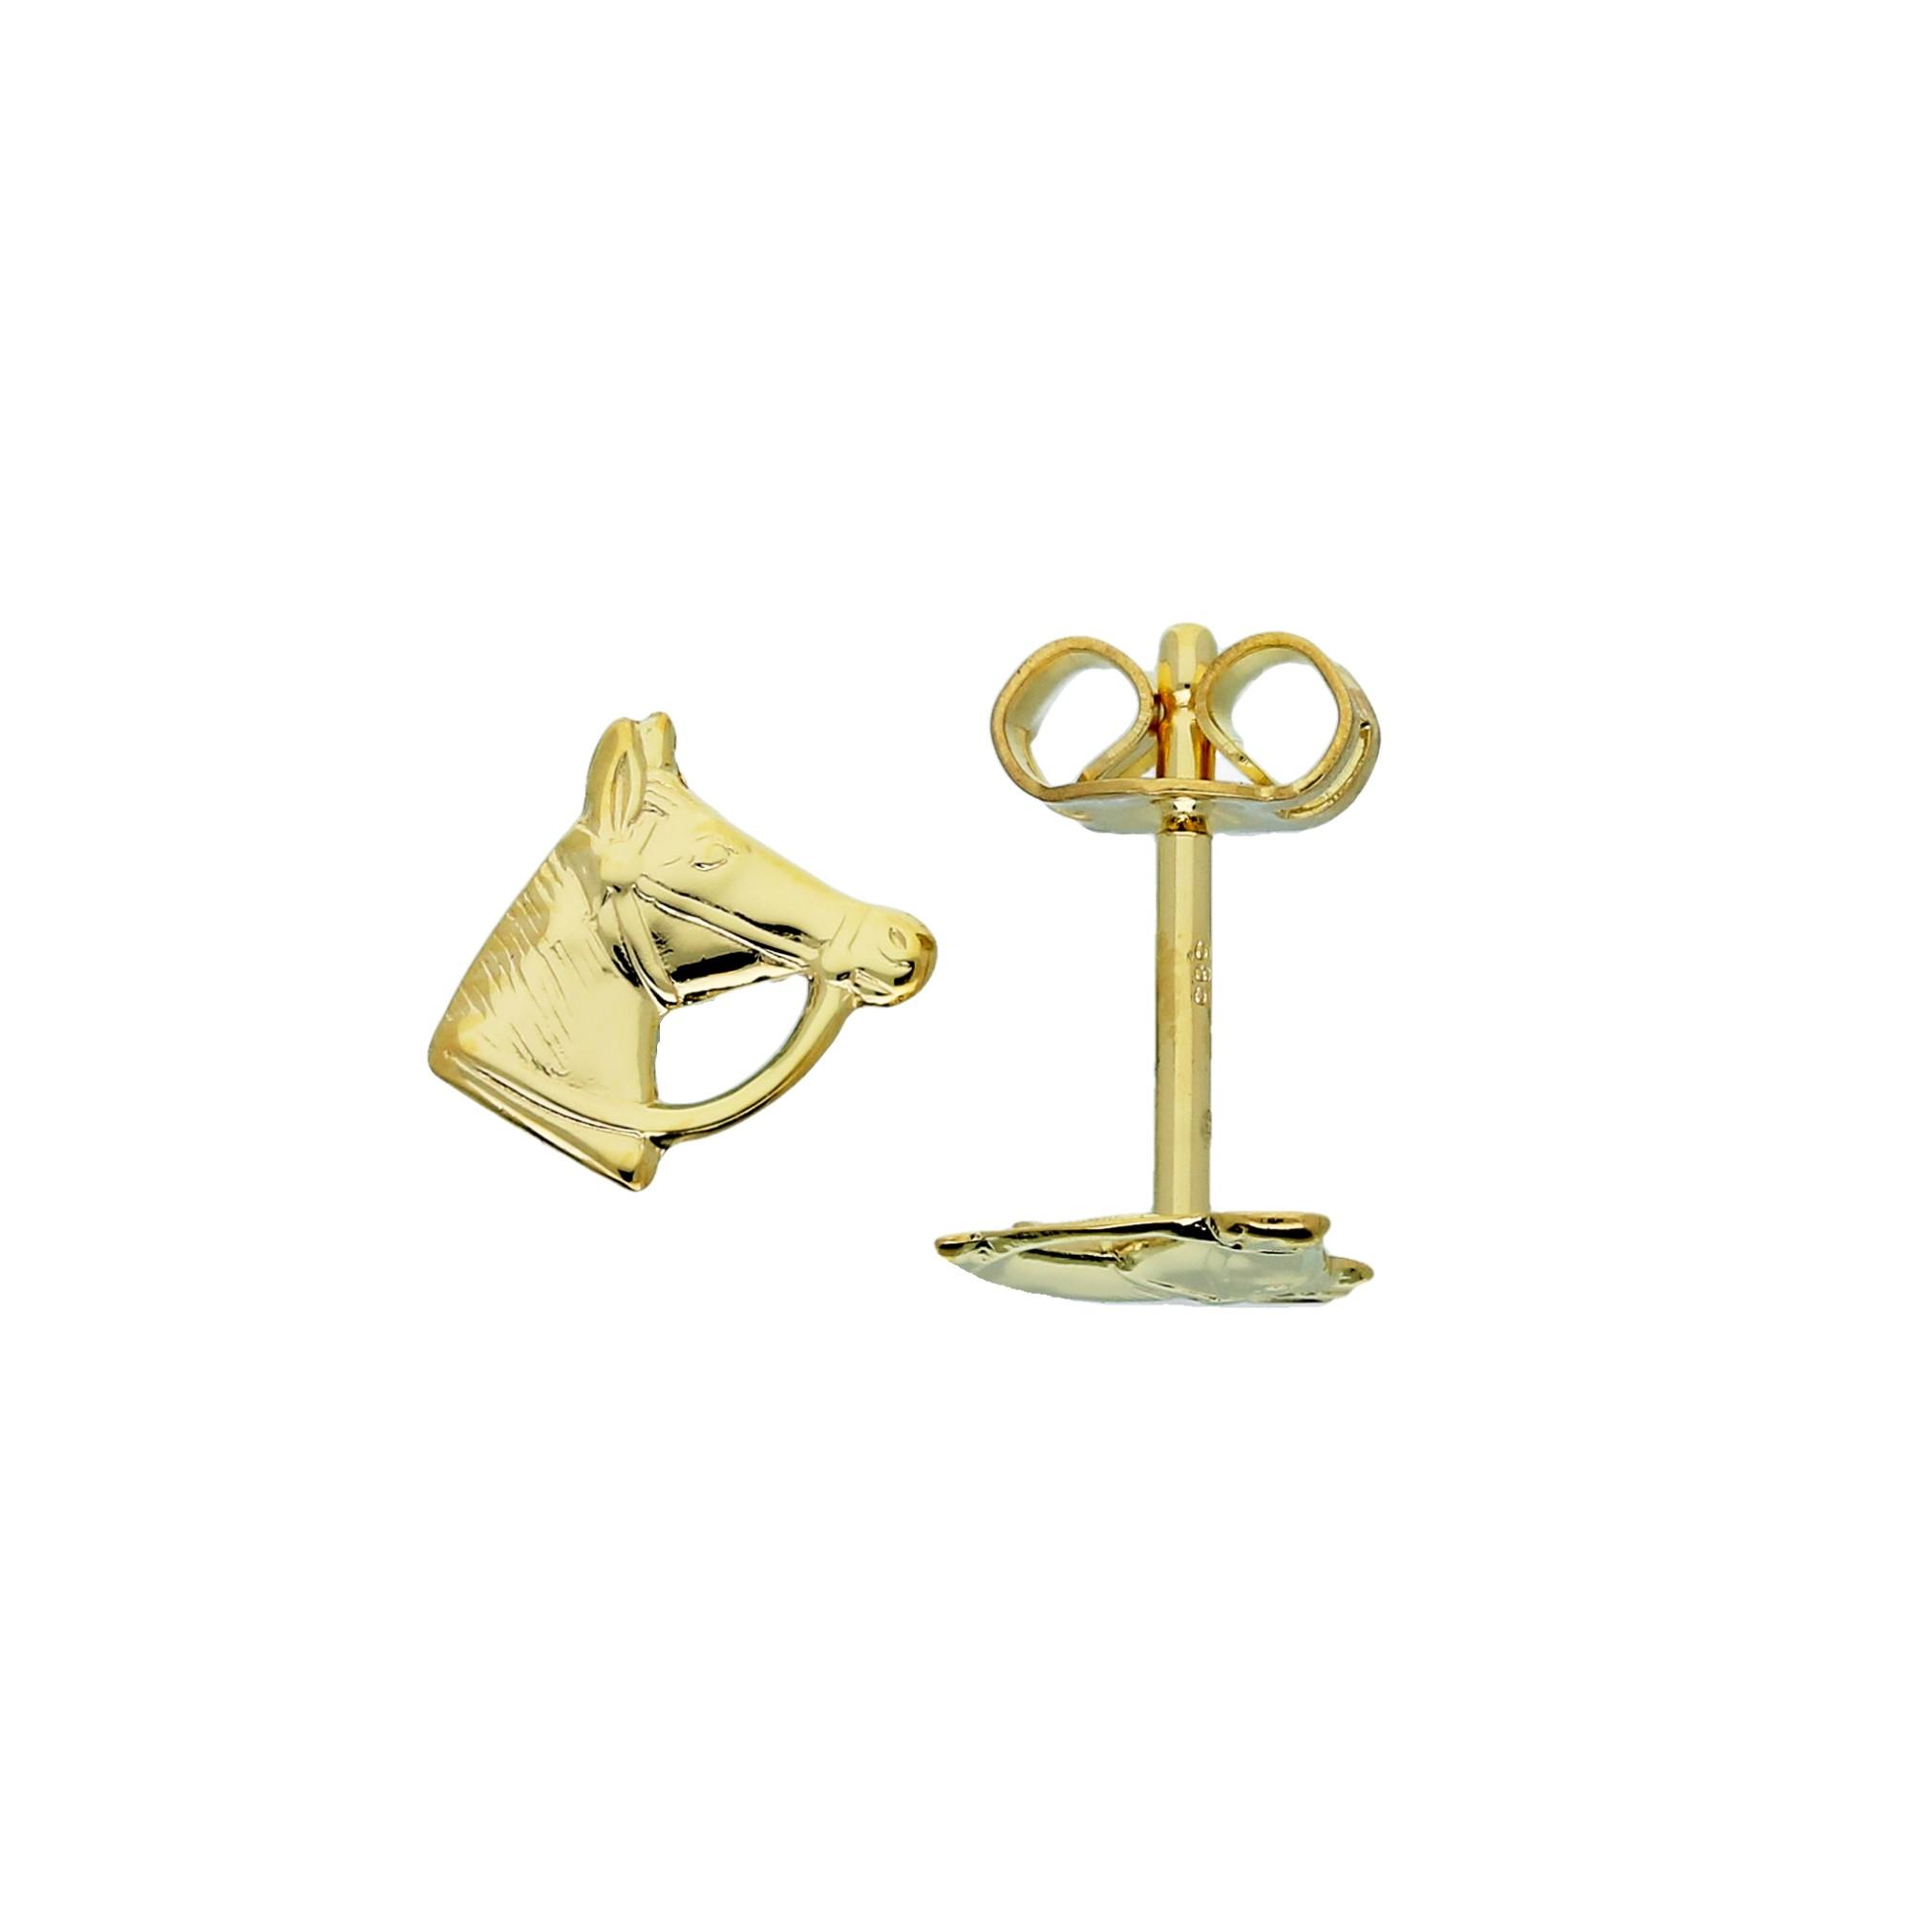 Glow Gouden Kinderoorknopjes - Paardenhoofd  206.0487.00